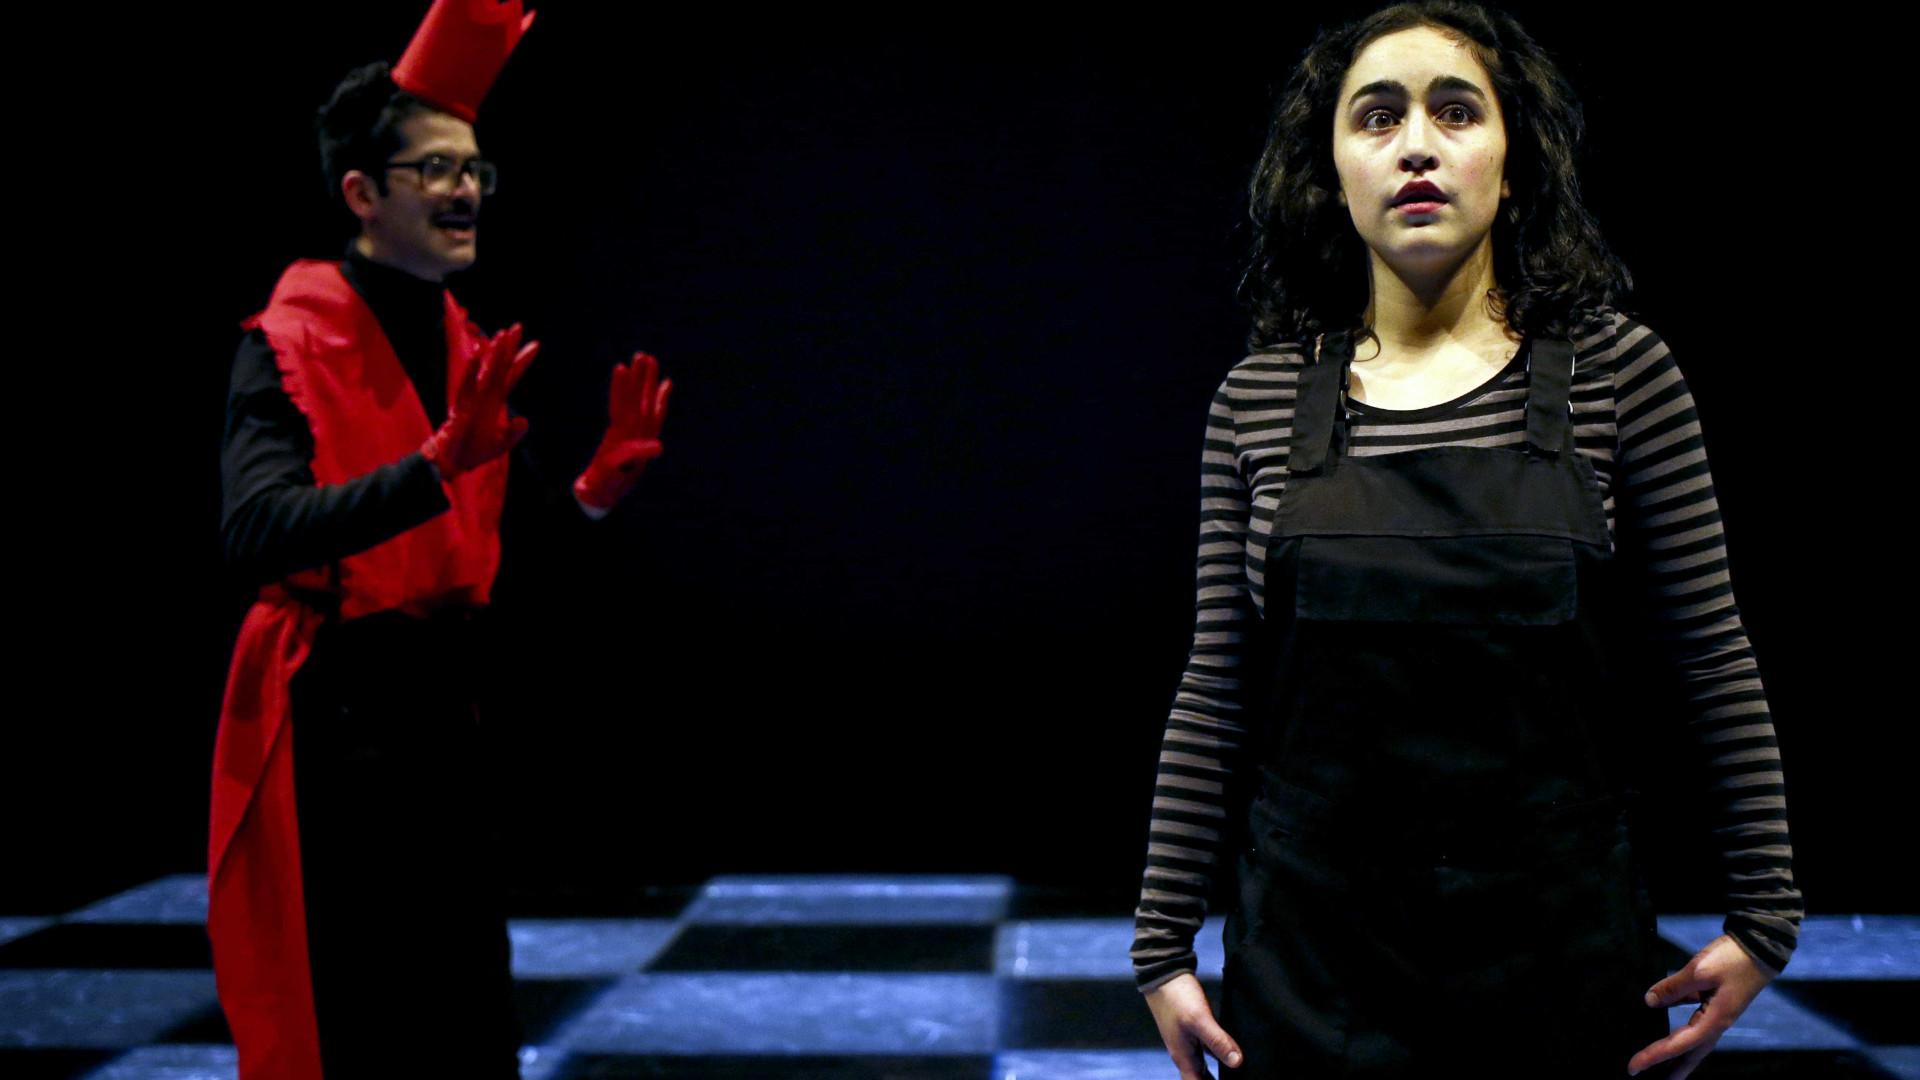 Teatro da garagem estreia 'Alice' no Porto